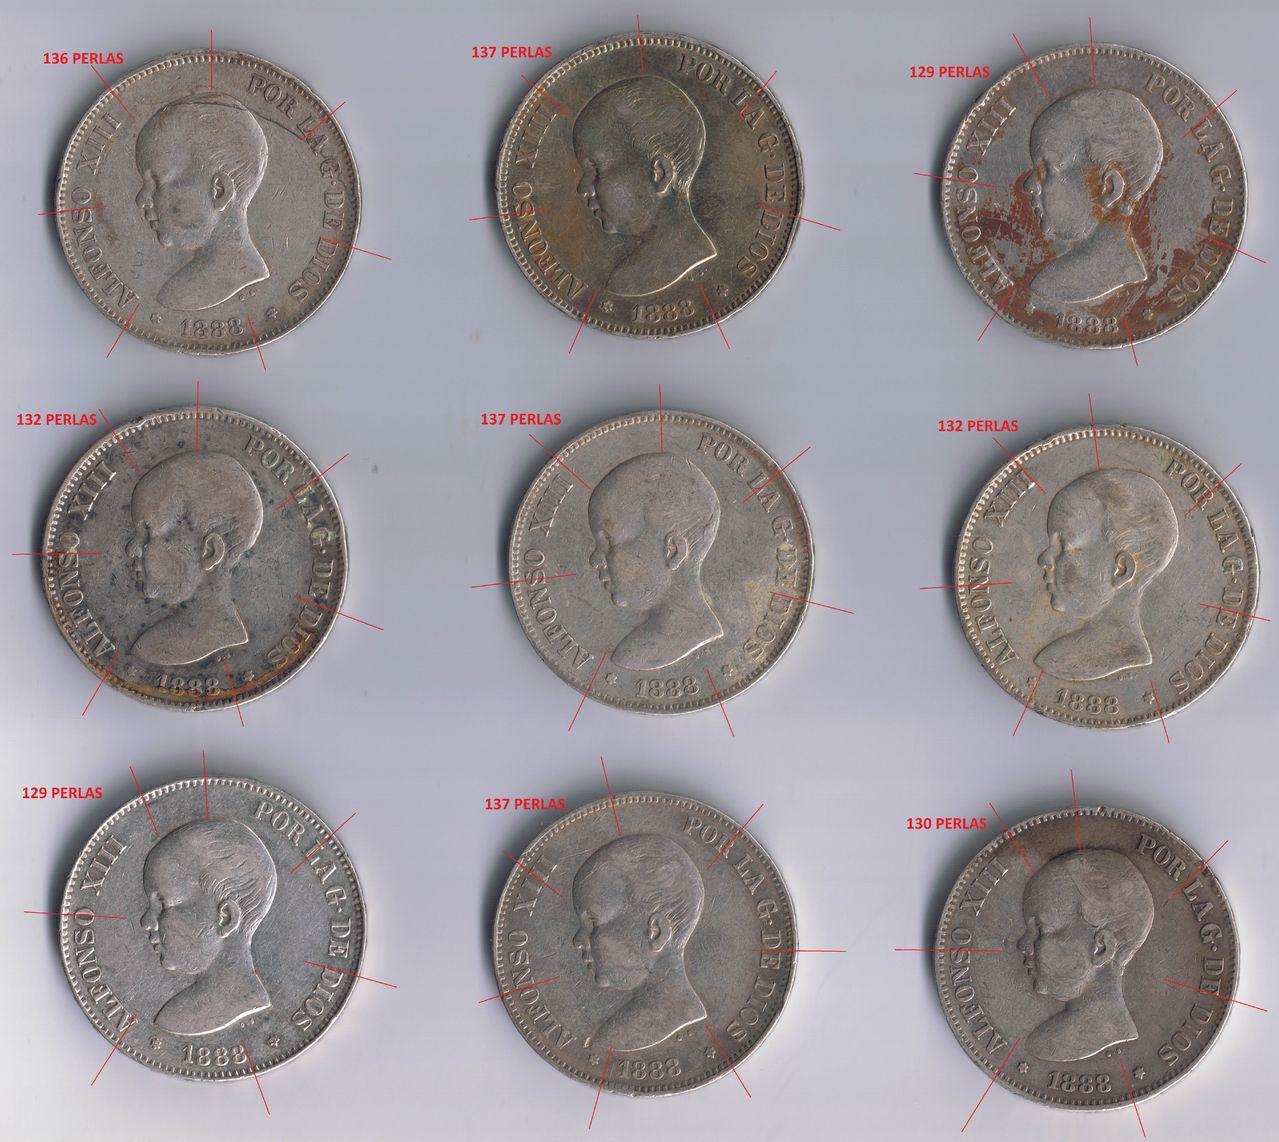 5 pesetas 1888 Alfonso XIII - Página 4 Duros_1888_anverso_2